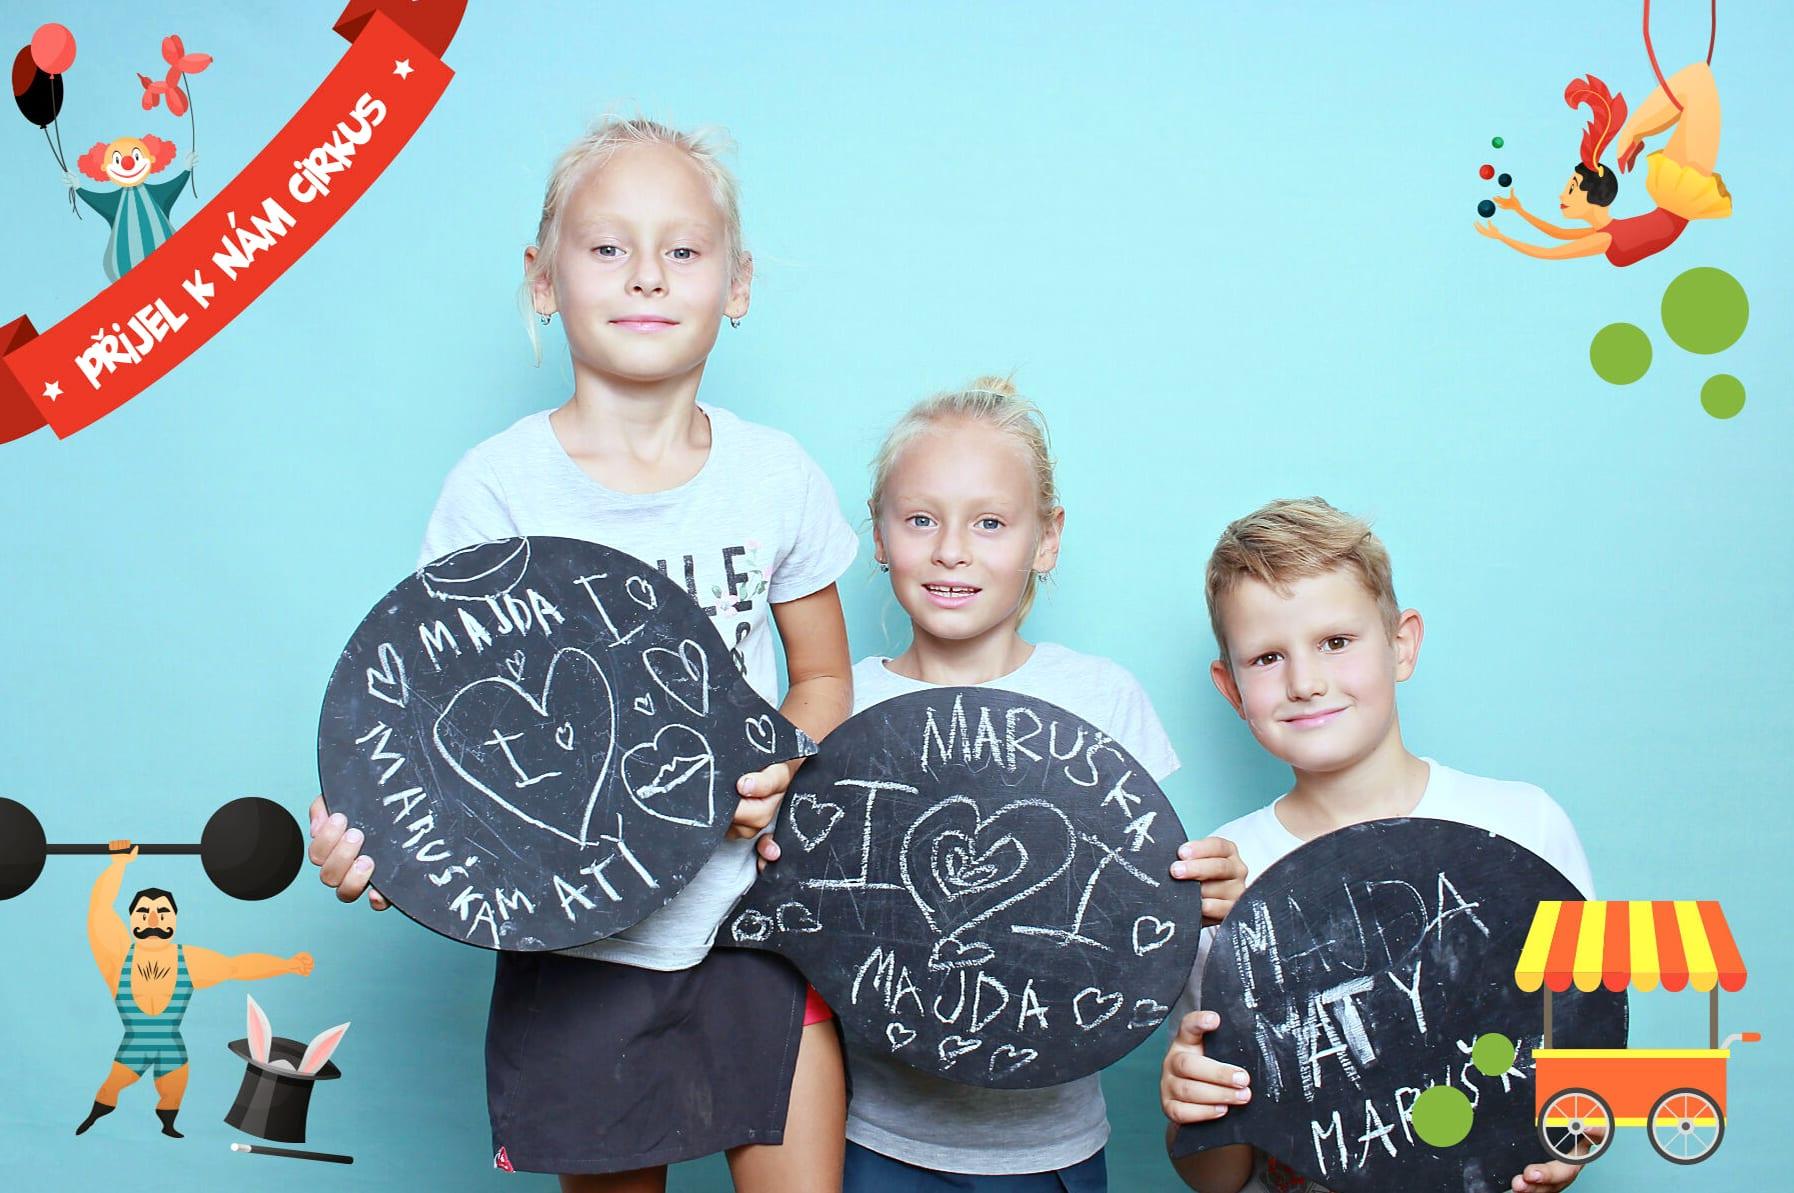 fotokoutek-family-day-praha-prijel-k-nam-cirkus-15-9-2019-650331